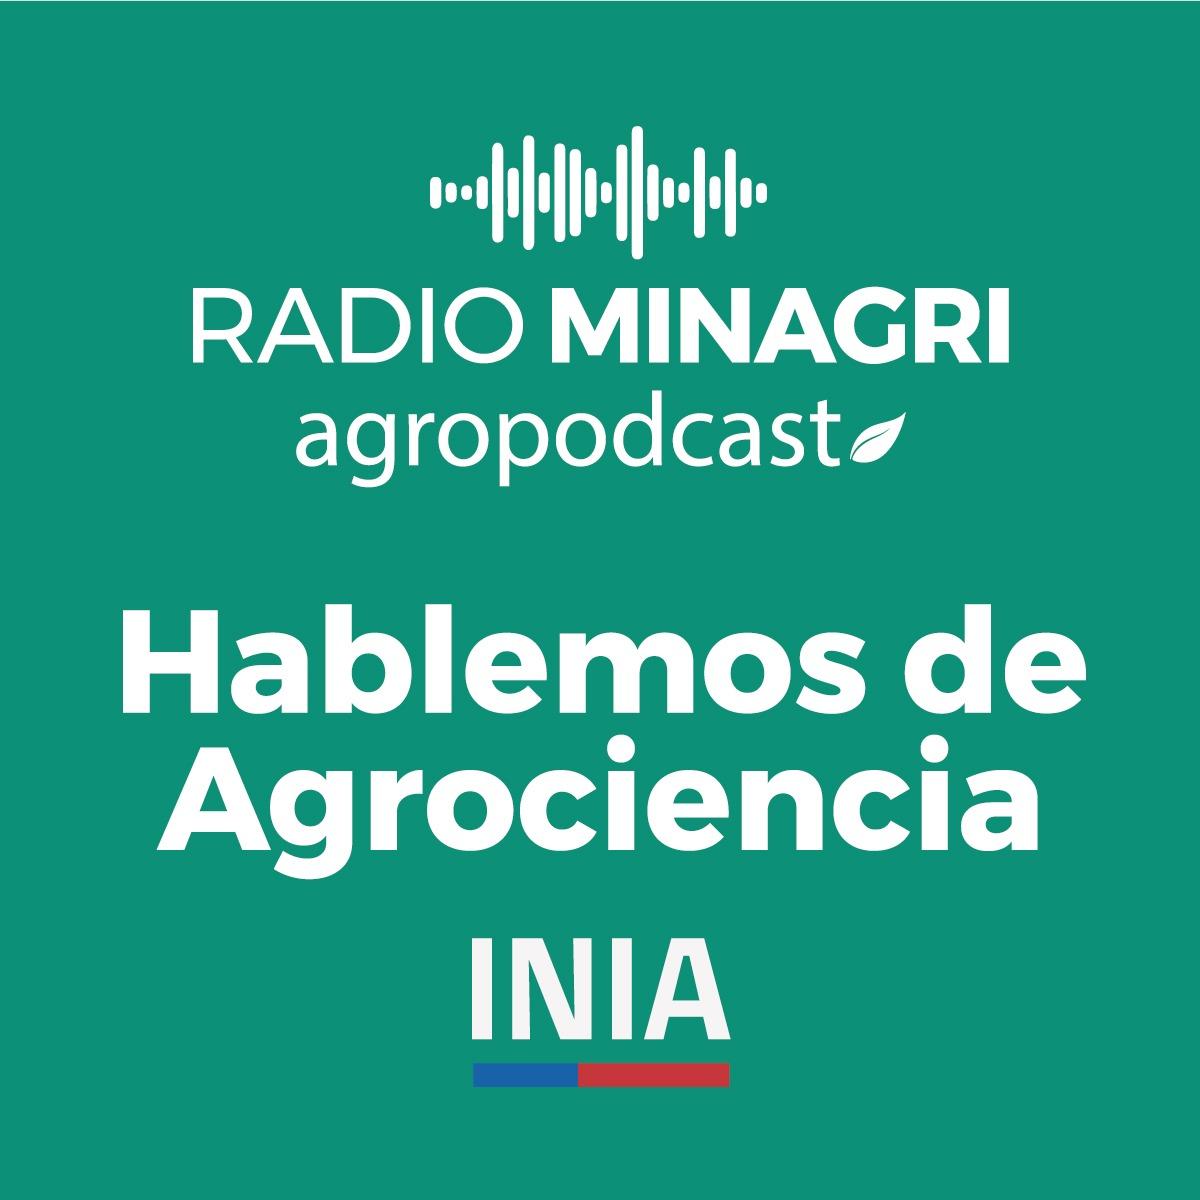 Hablemos de Agrociencia – Episodio 15: Digitalización de la agricultura